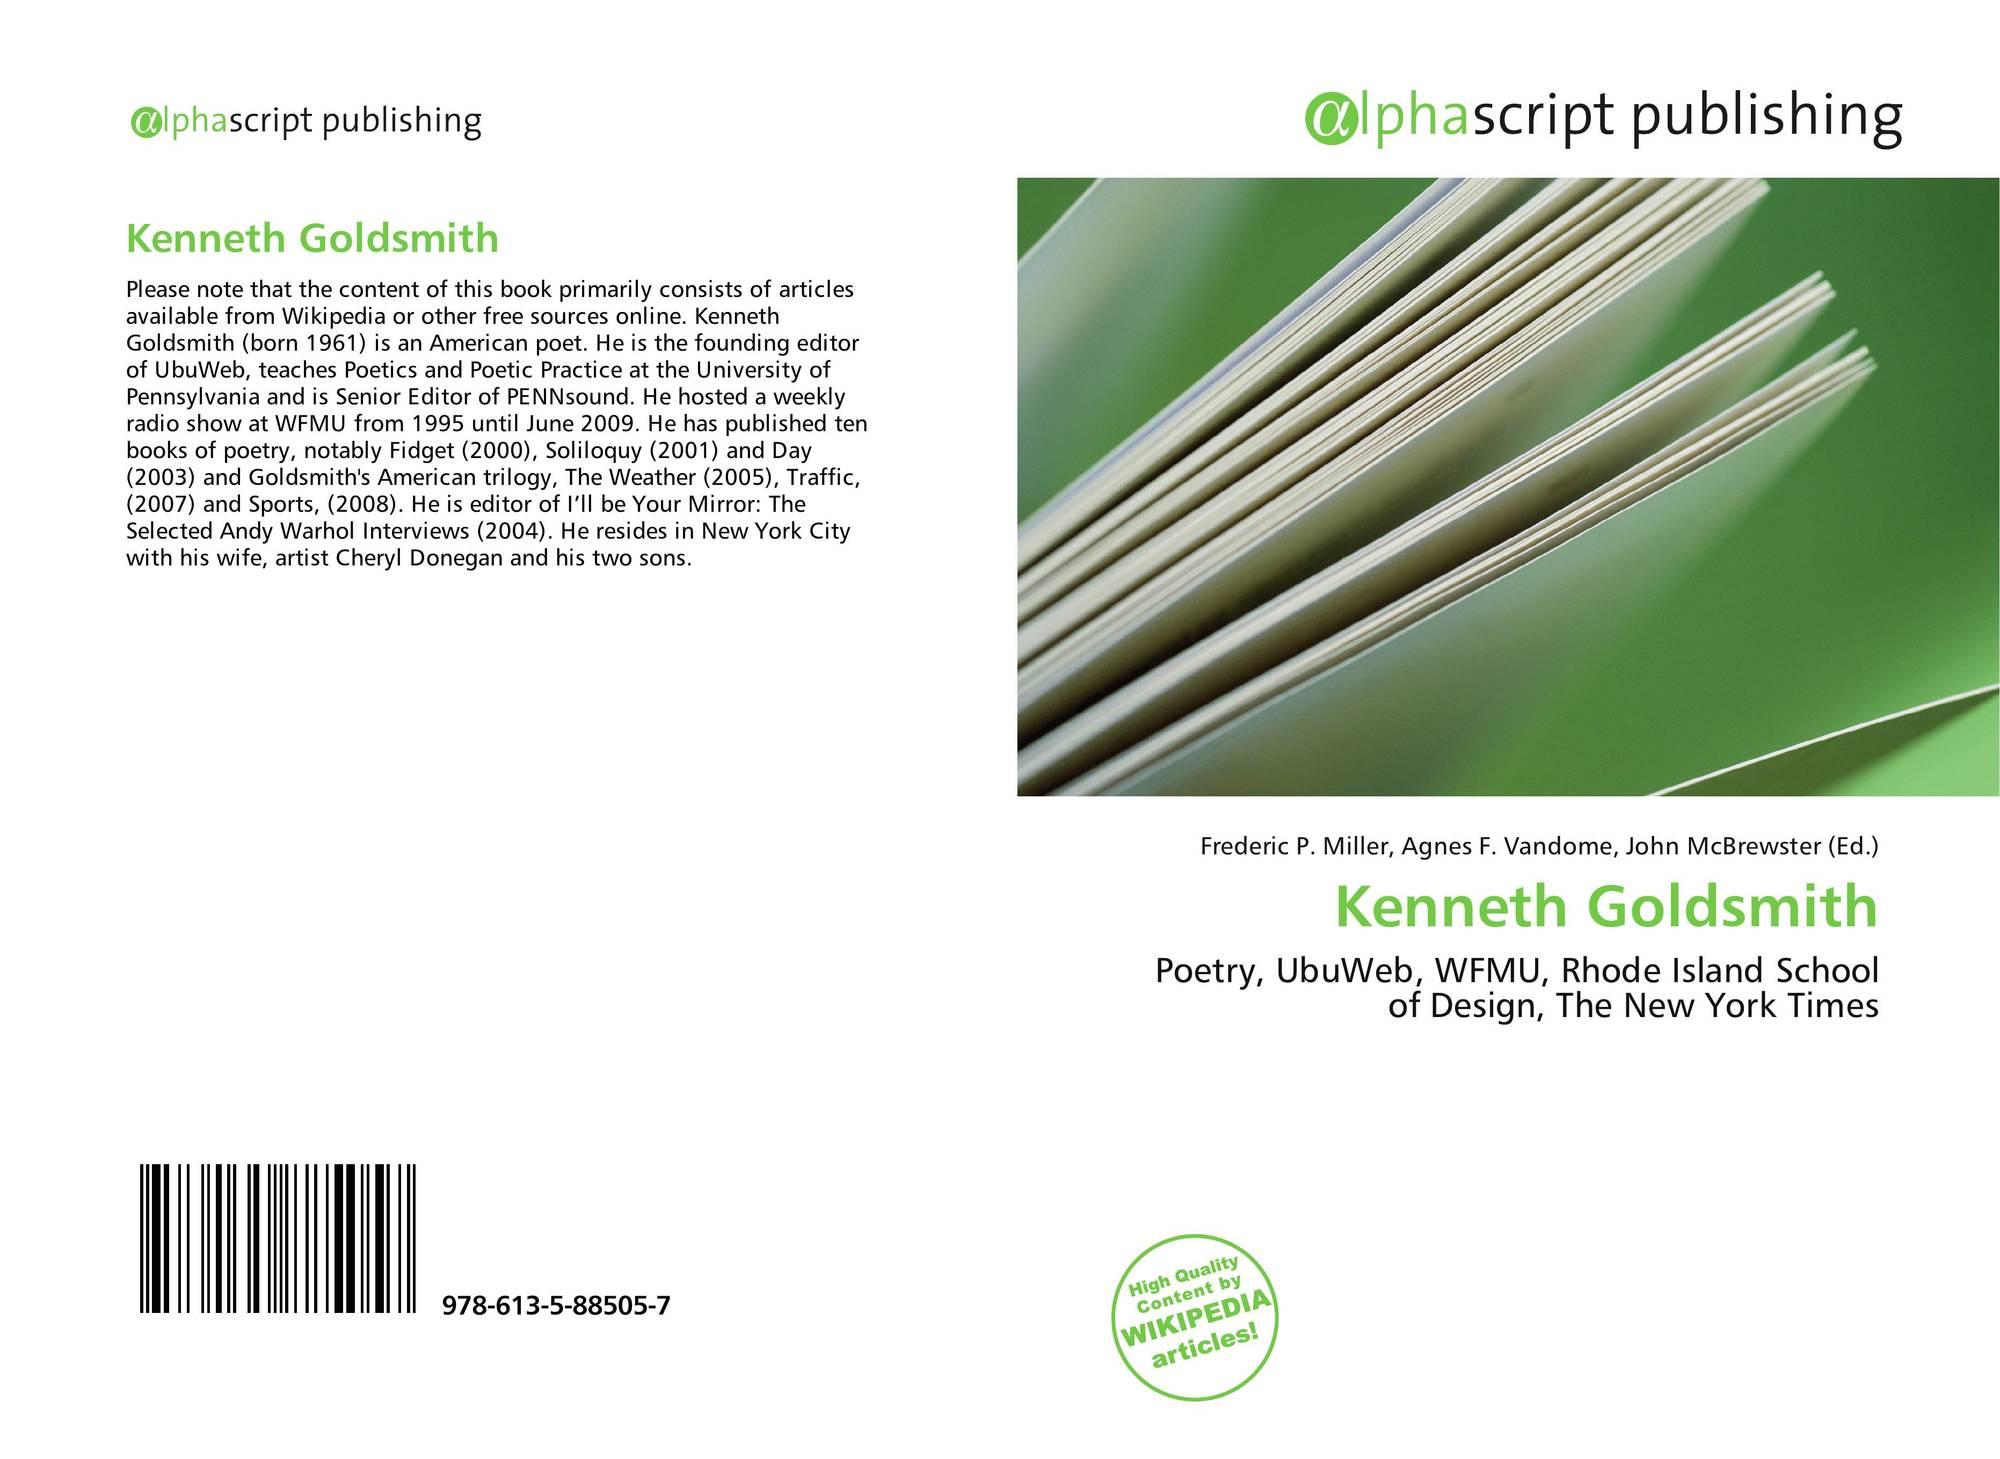 Kenneth Goldsmith 978 613 5 88505 7 6135885057 9786135885057